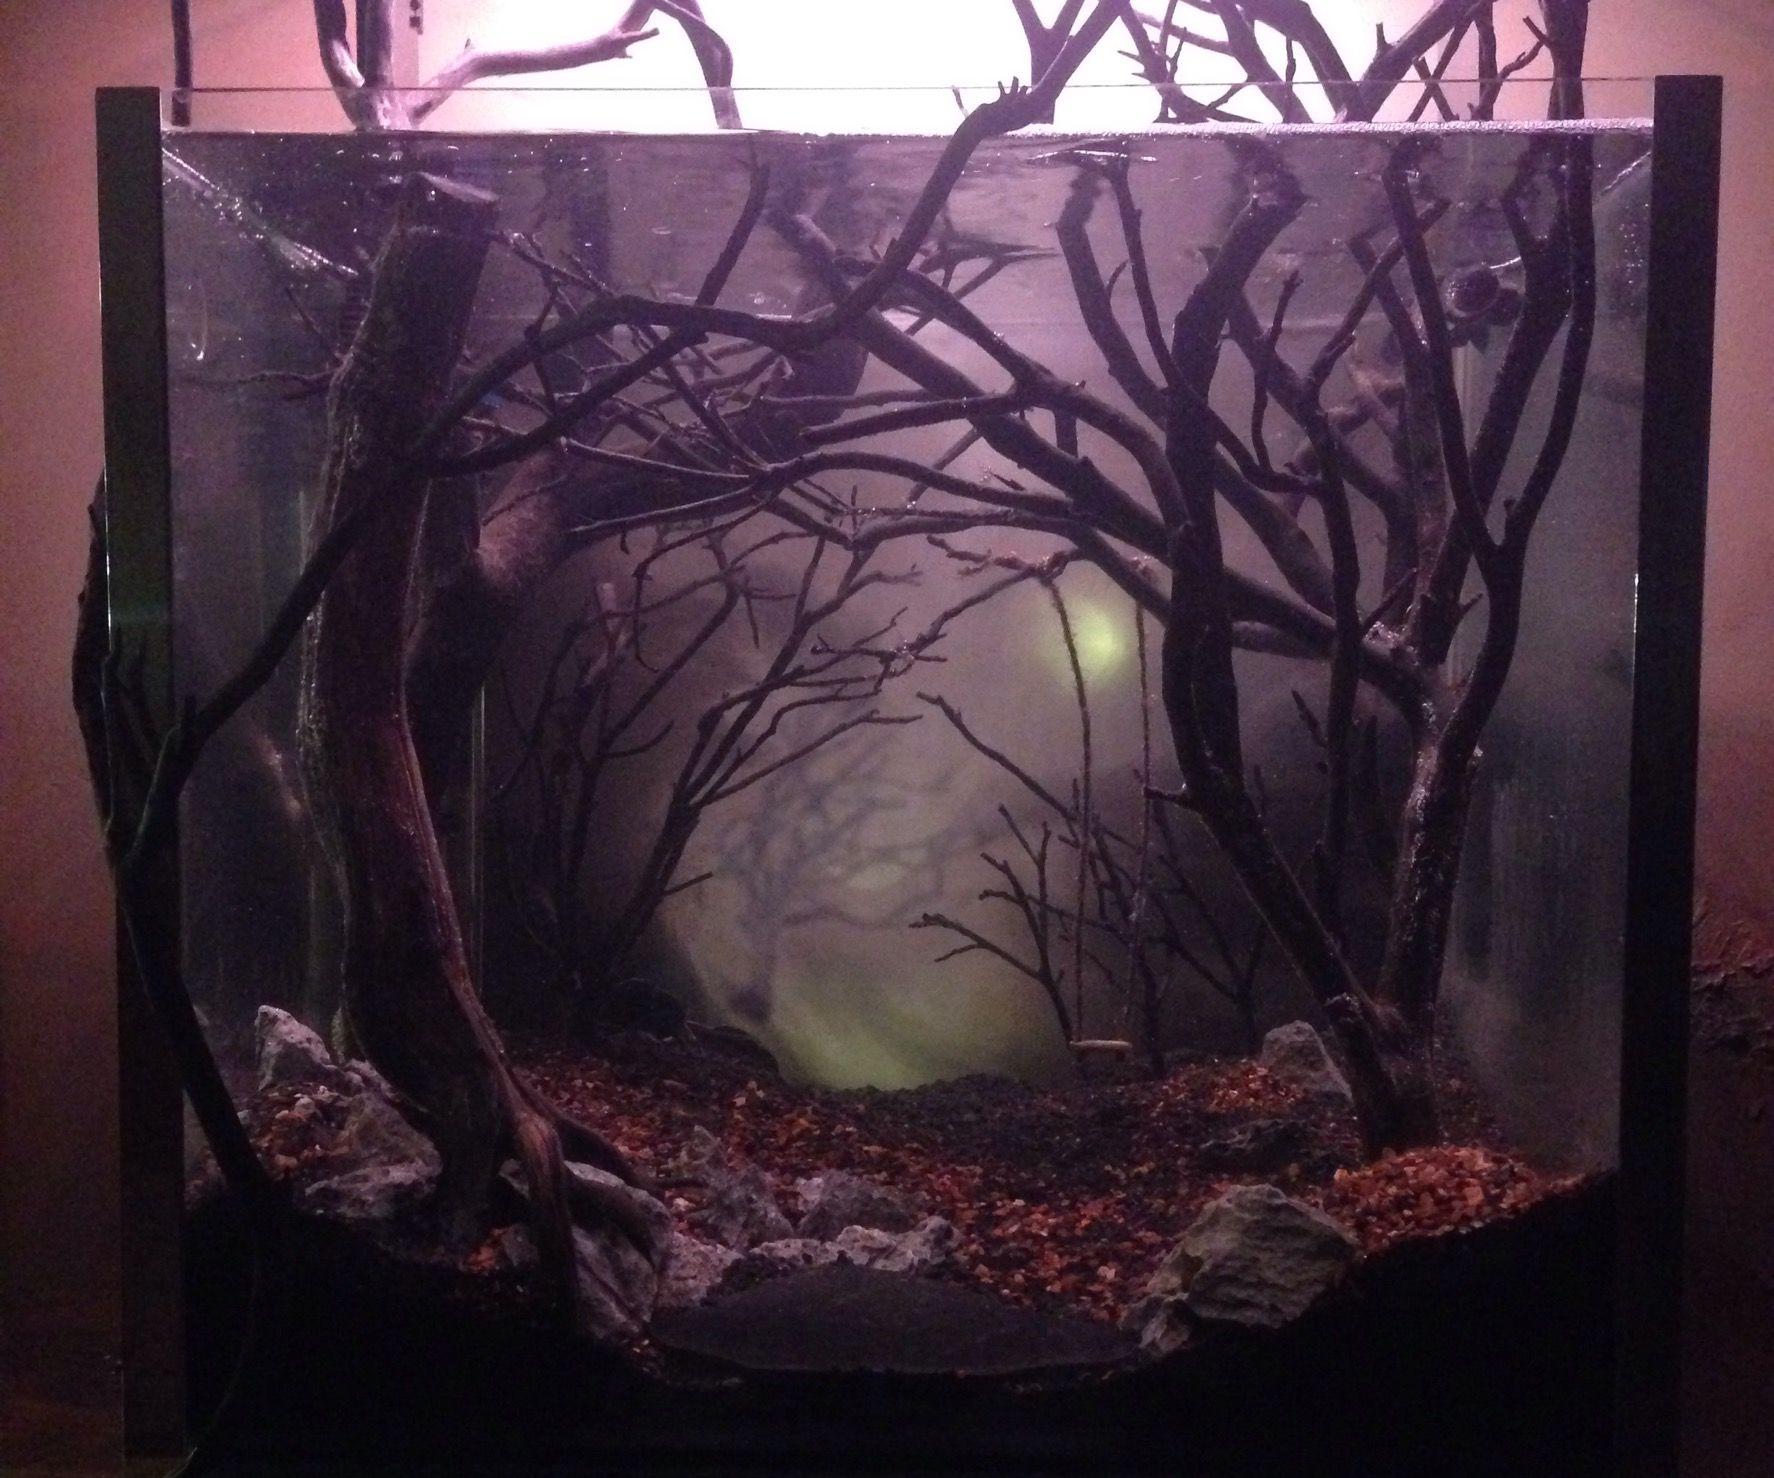 Dark and Erie Fish Tank